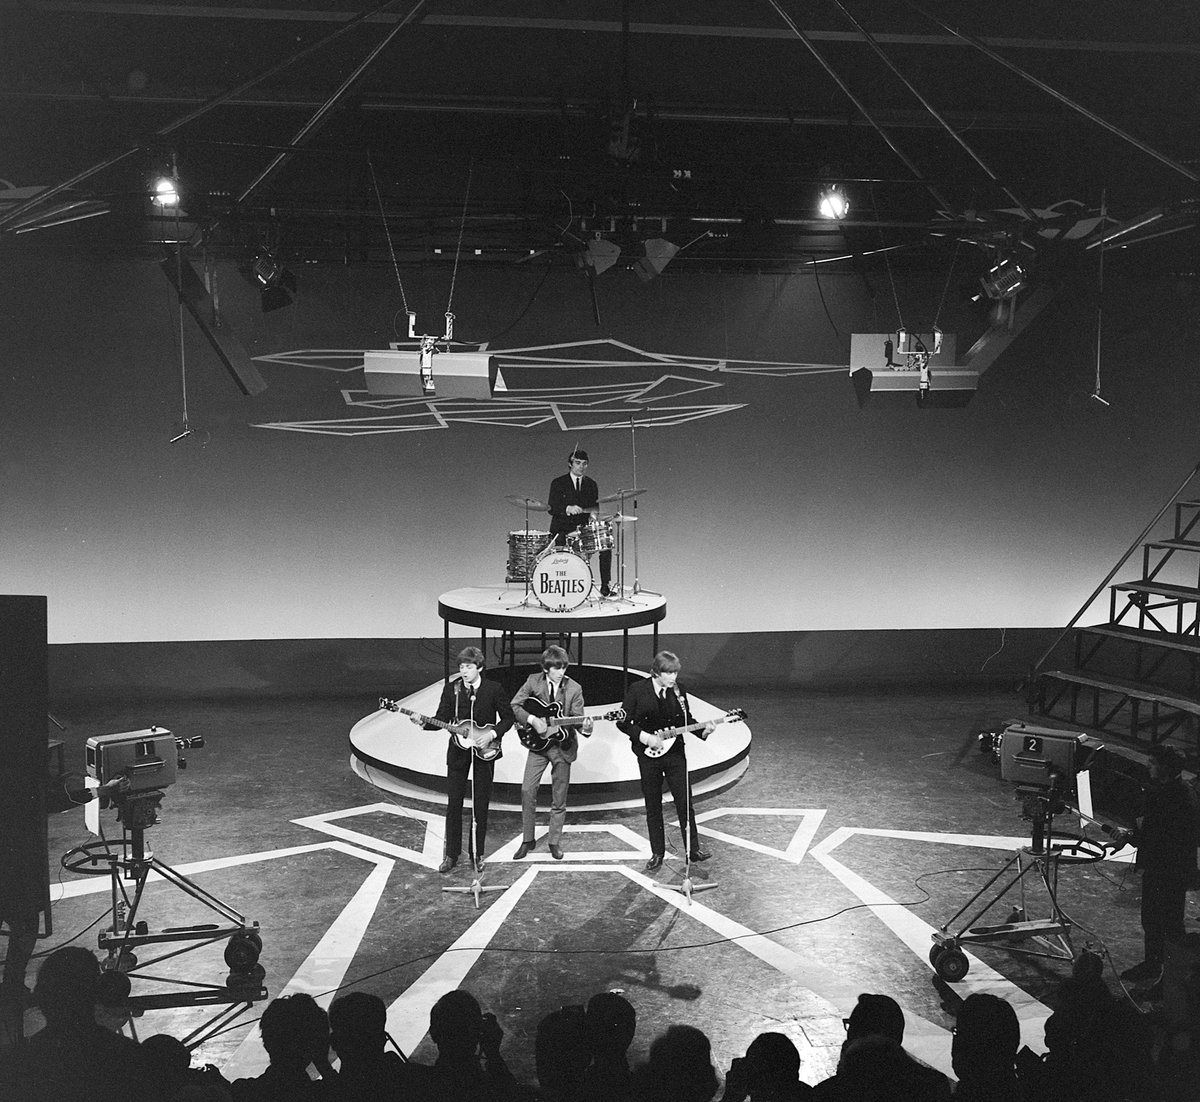 """Als je naar de #Top2000 kijkt zijn Nederlanders het over 1 ding eens: #TheBeatles behoren tot de absolute muziektop.   Dat was begin jaren 60 wel anders. Hoe media en publiek toen reageerden op de """"keverkolder"""" lees je in de nieuwste #TILT!  https://t.co/QHCxawGH6k https://t.co/x4YOzJmE5h"""